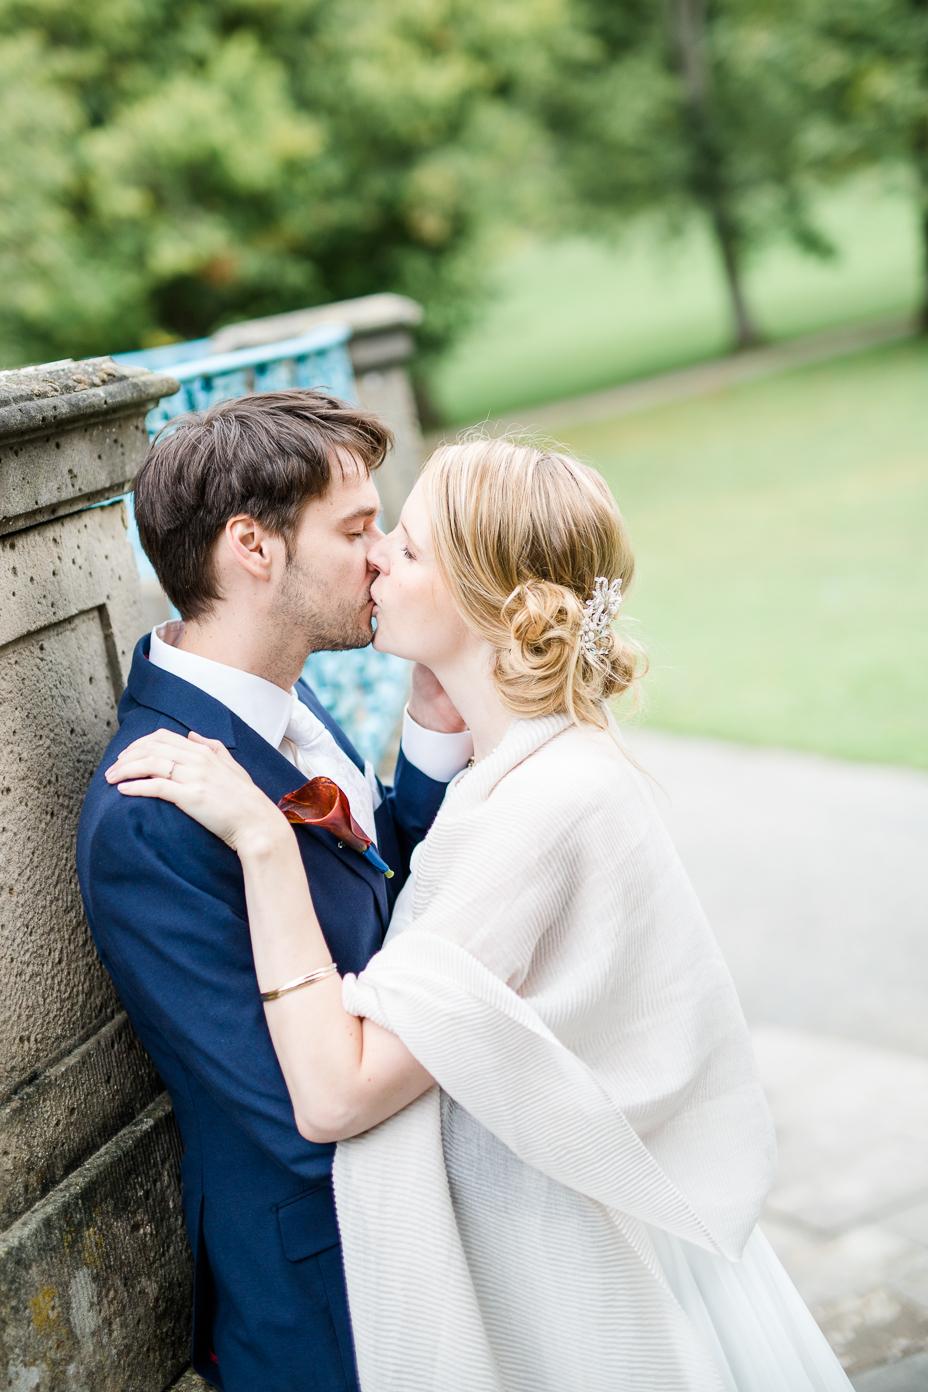 Hochzeitsfotografie-Kassel-Inka Englisch Photography-Schloss Wilhelmstal-Calden-2015_52